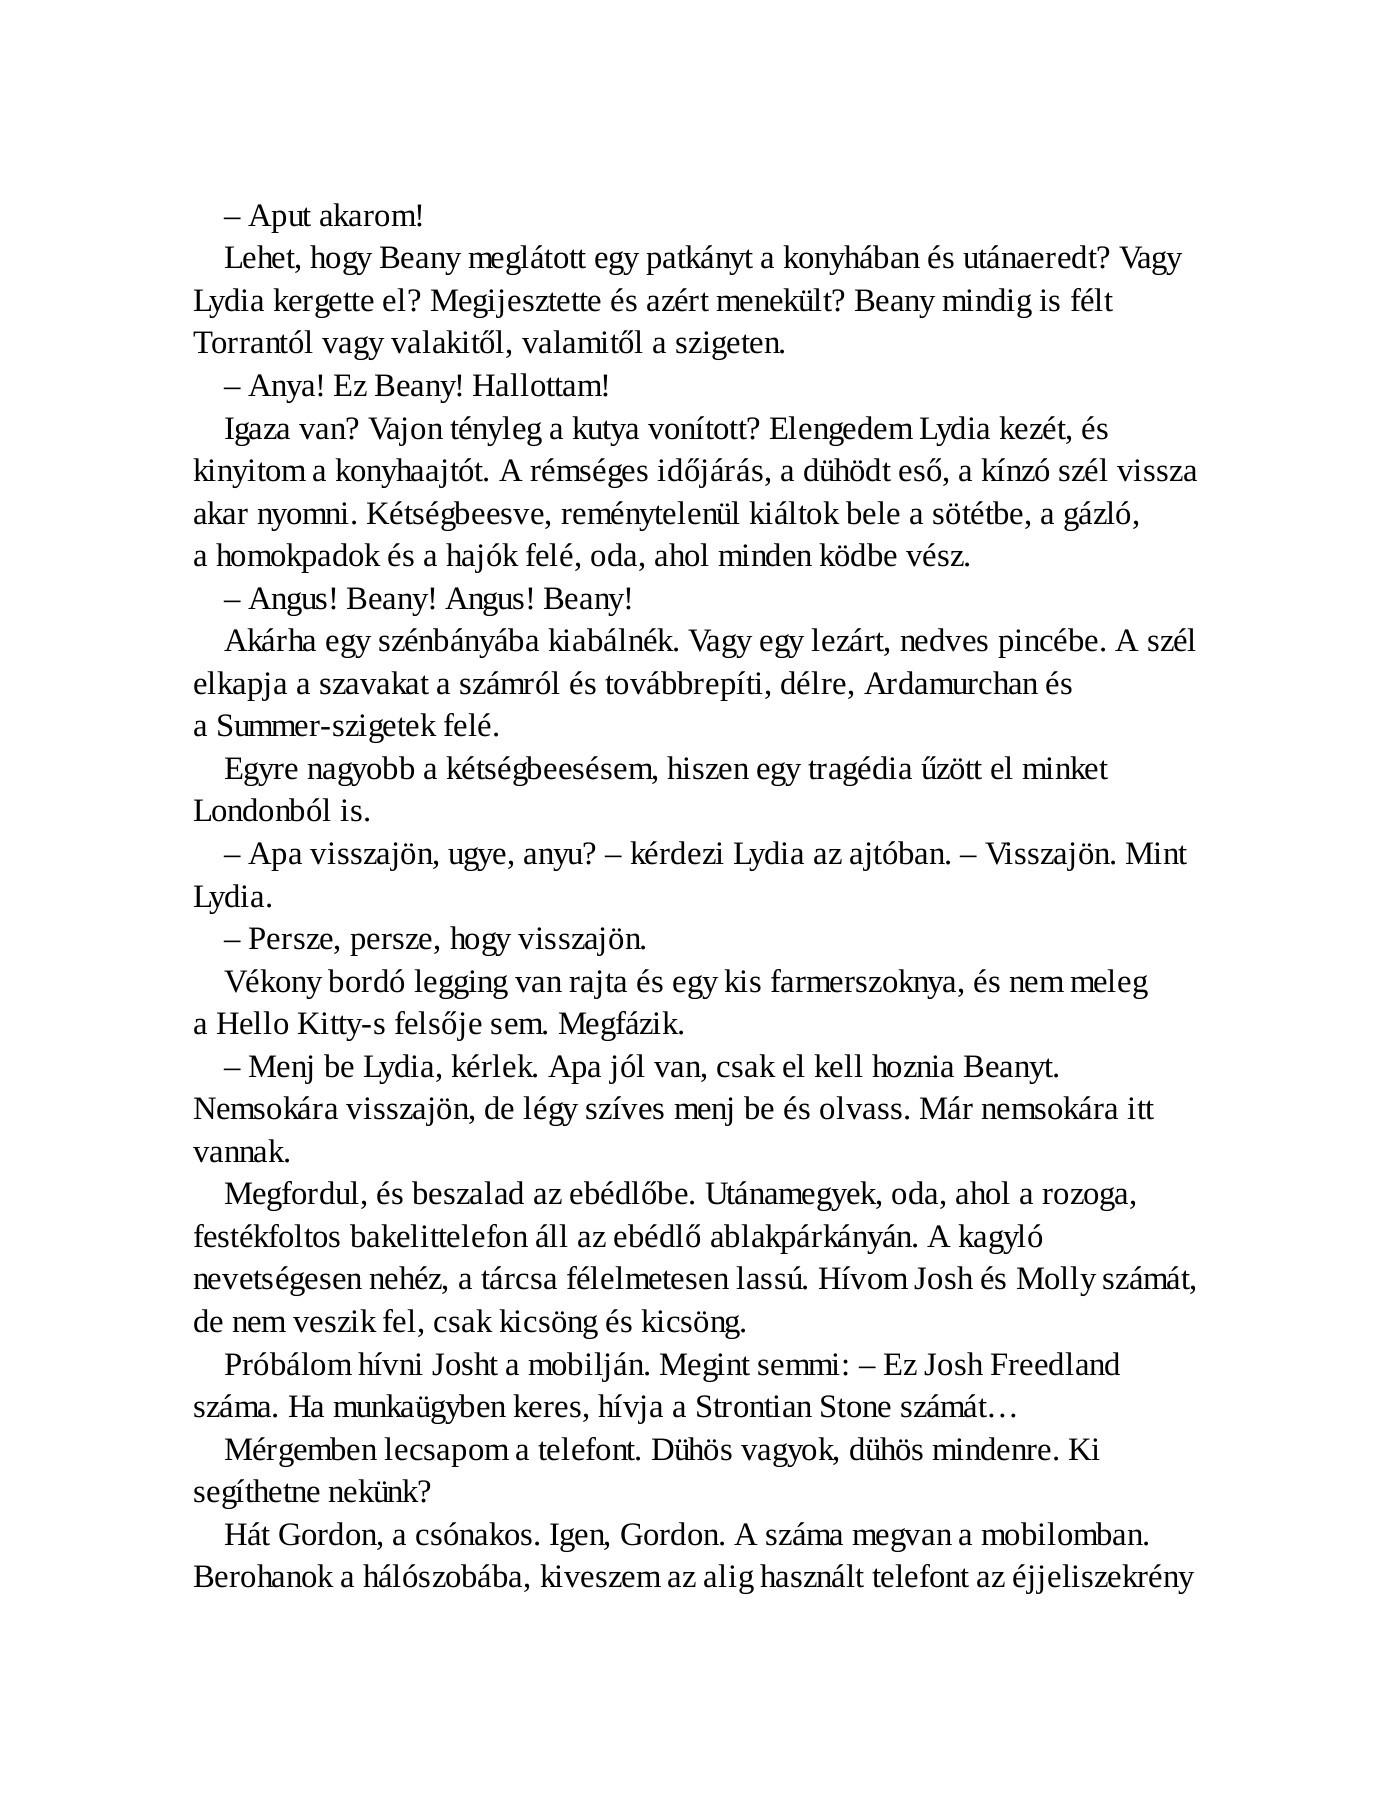 Rippl-Rónai József: Degas • Apró emlékeimben